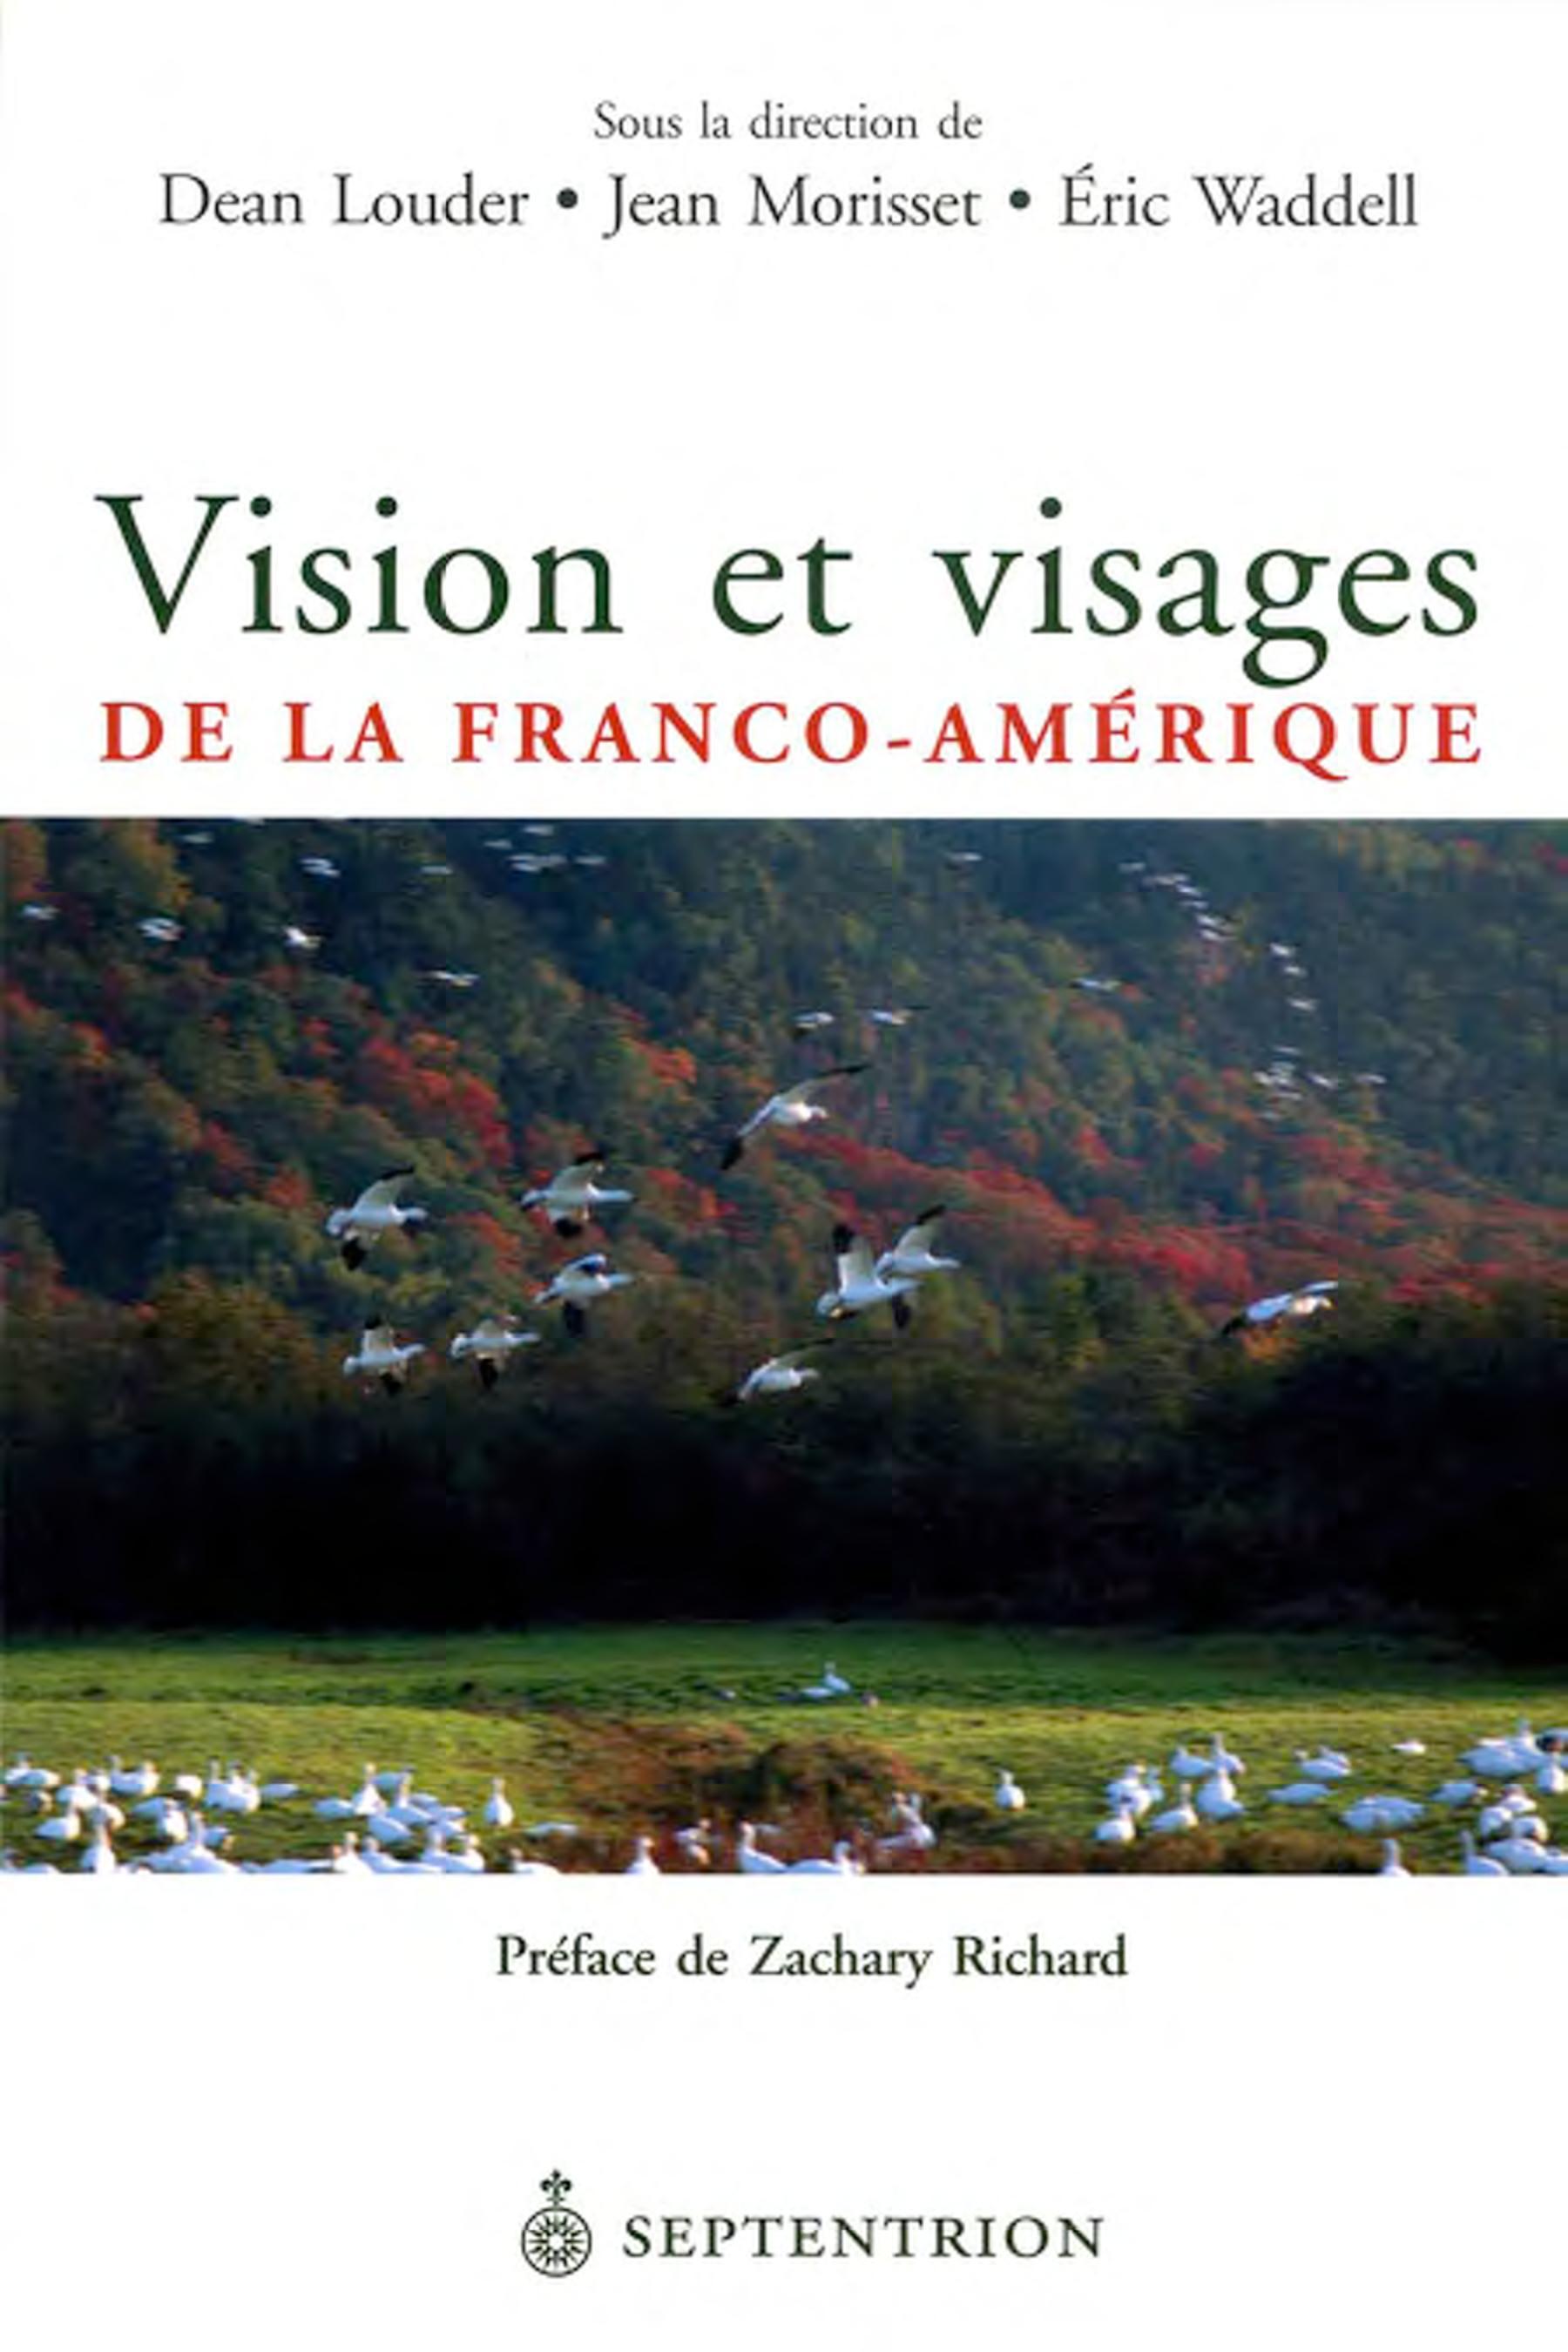 Vision et visages de la Franco-Amérique